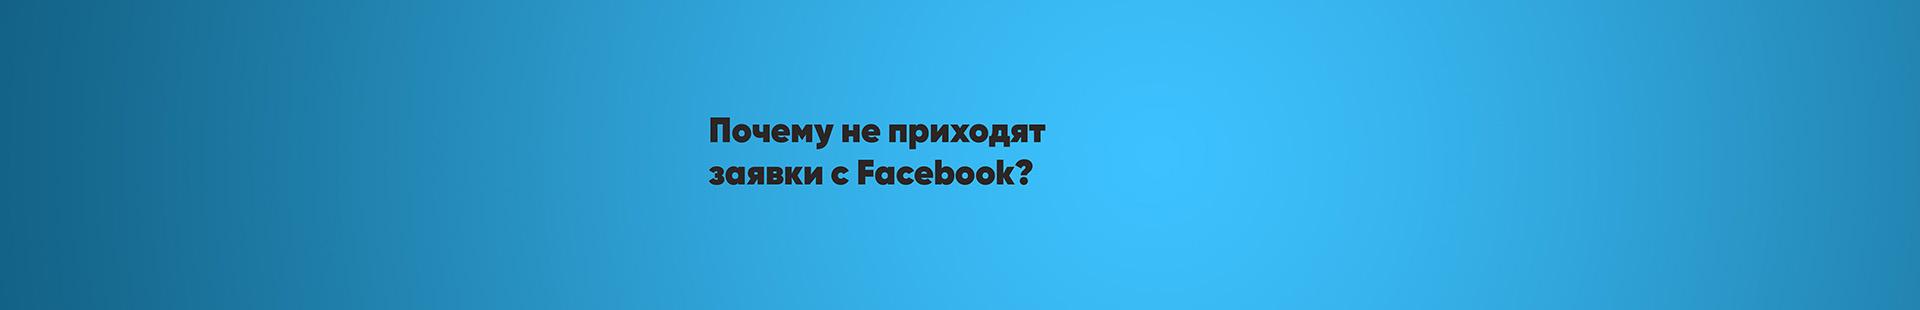 Почему вы можете не получать заявки с Facebook?